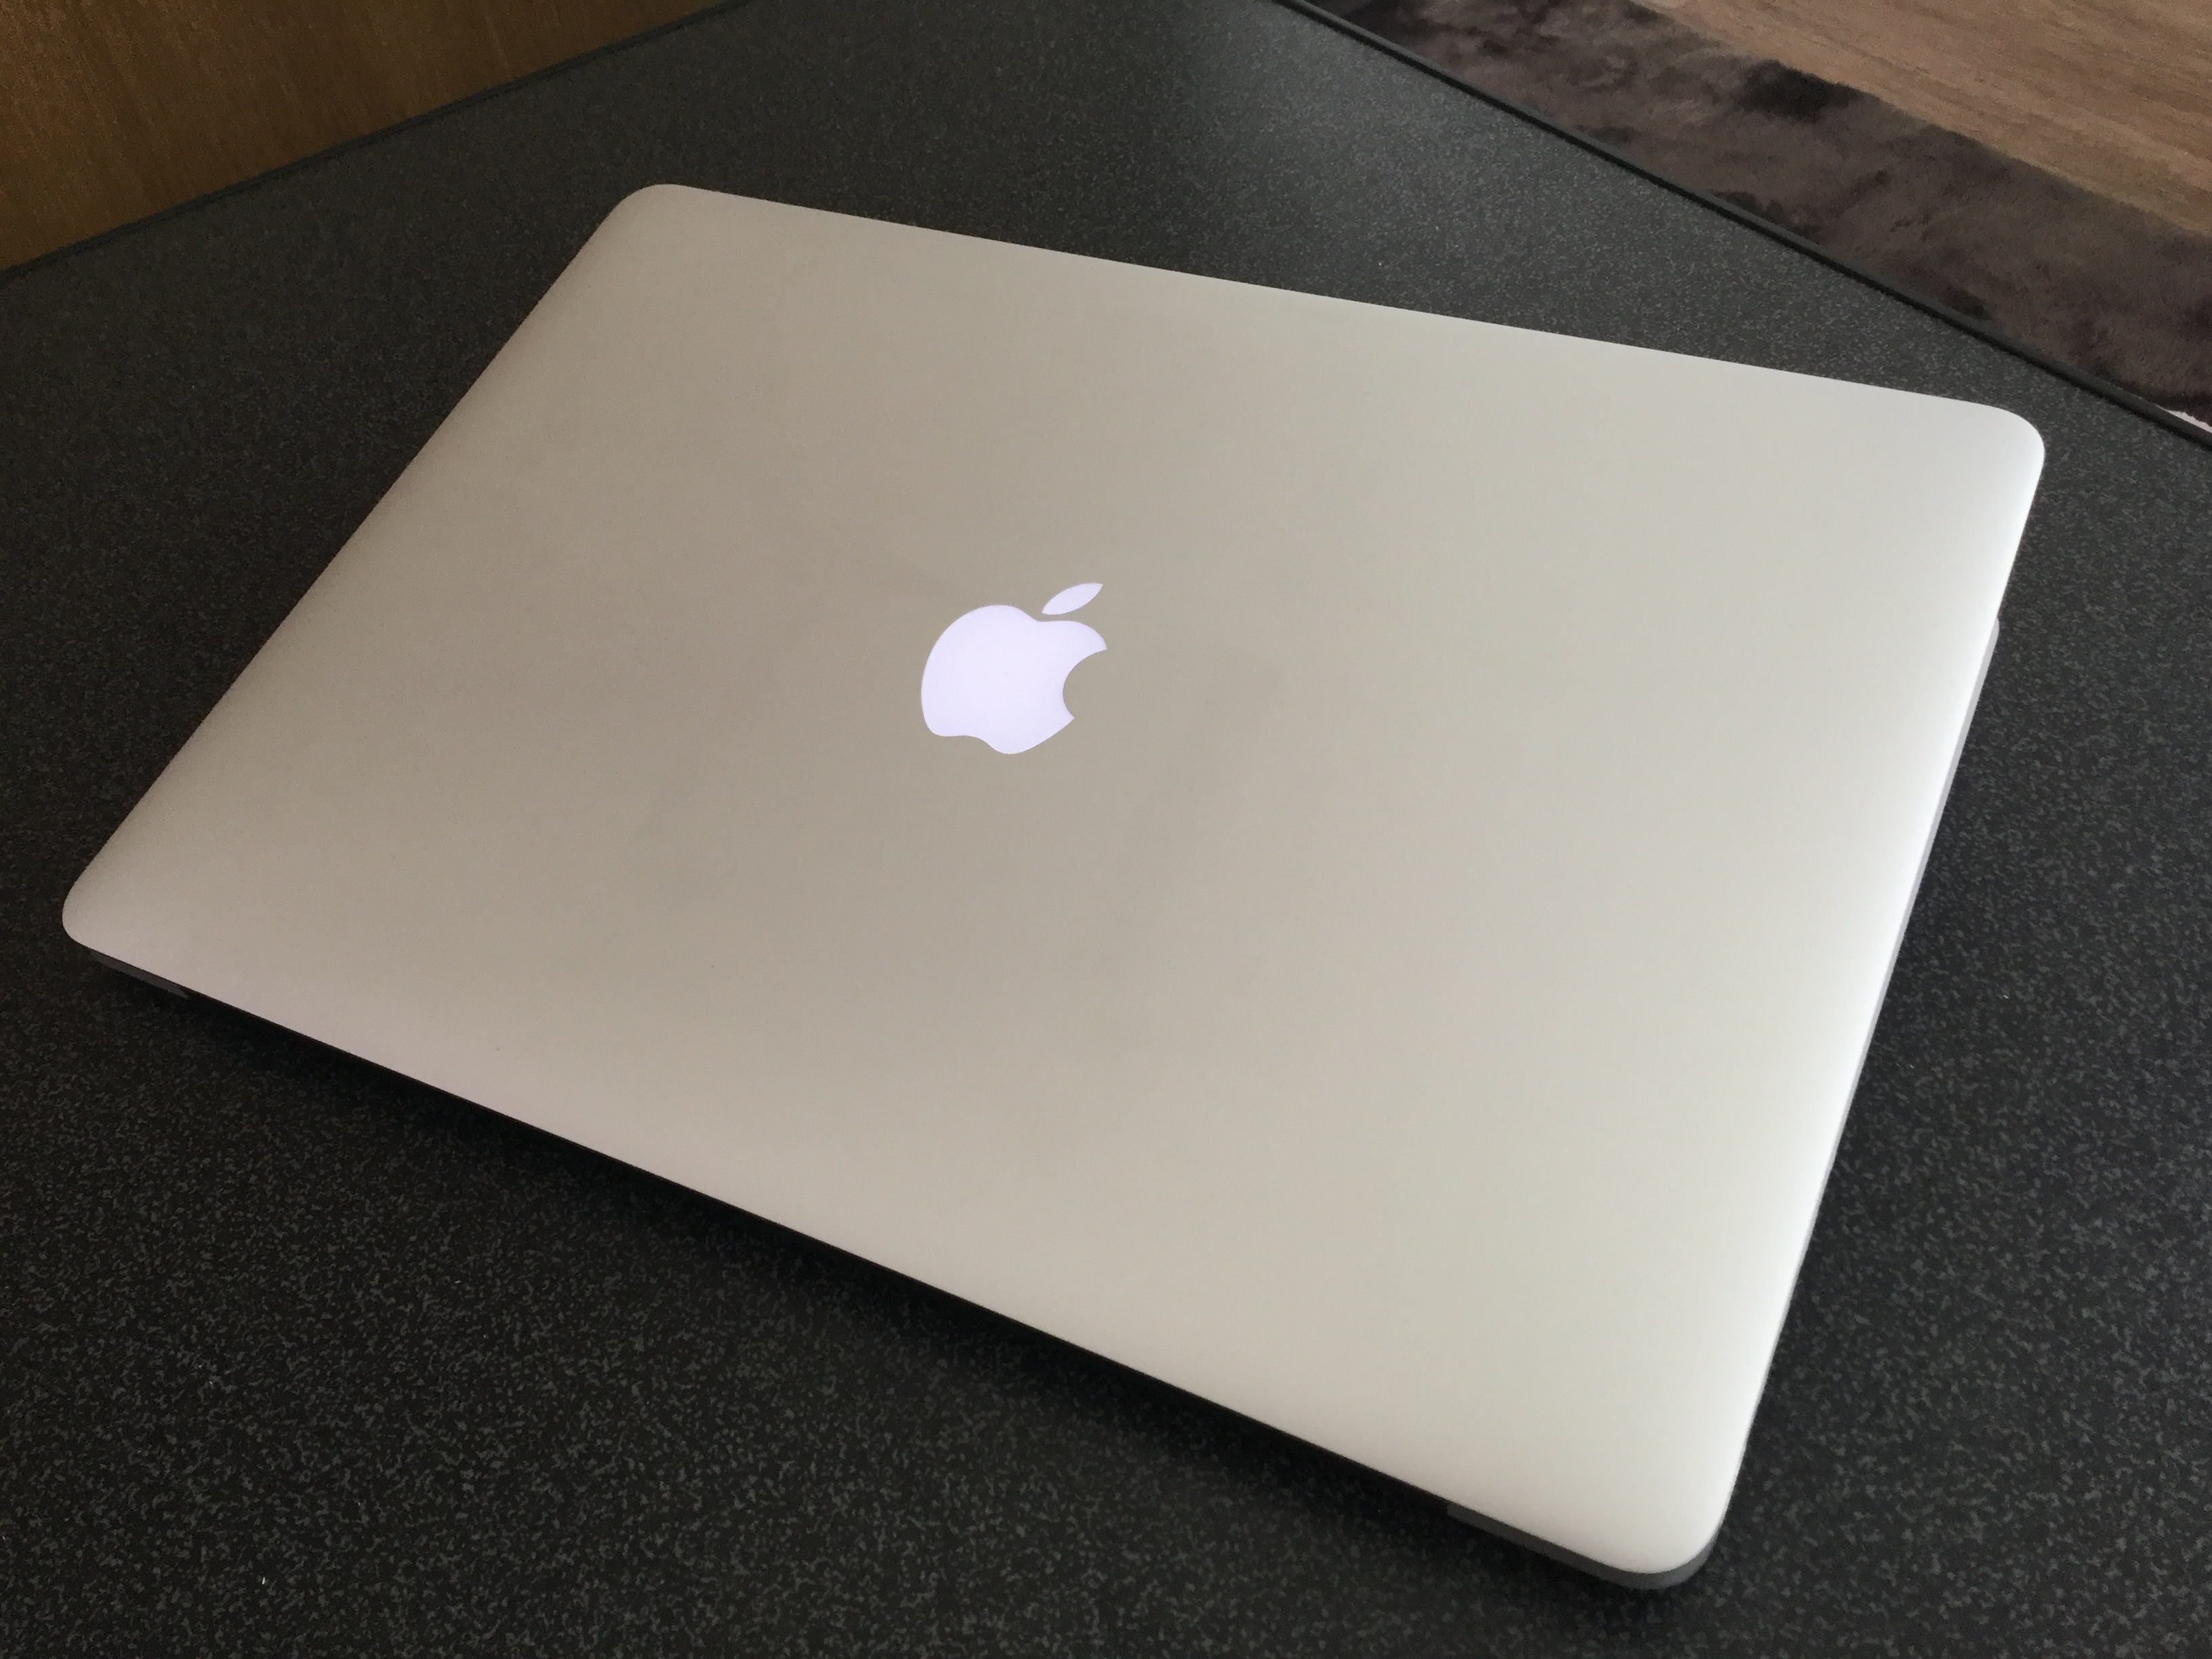 MacBookPro15インチを買い取りに出したらメルカリより高く売れた